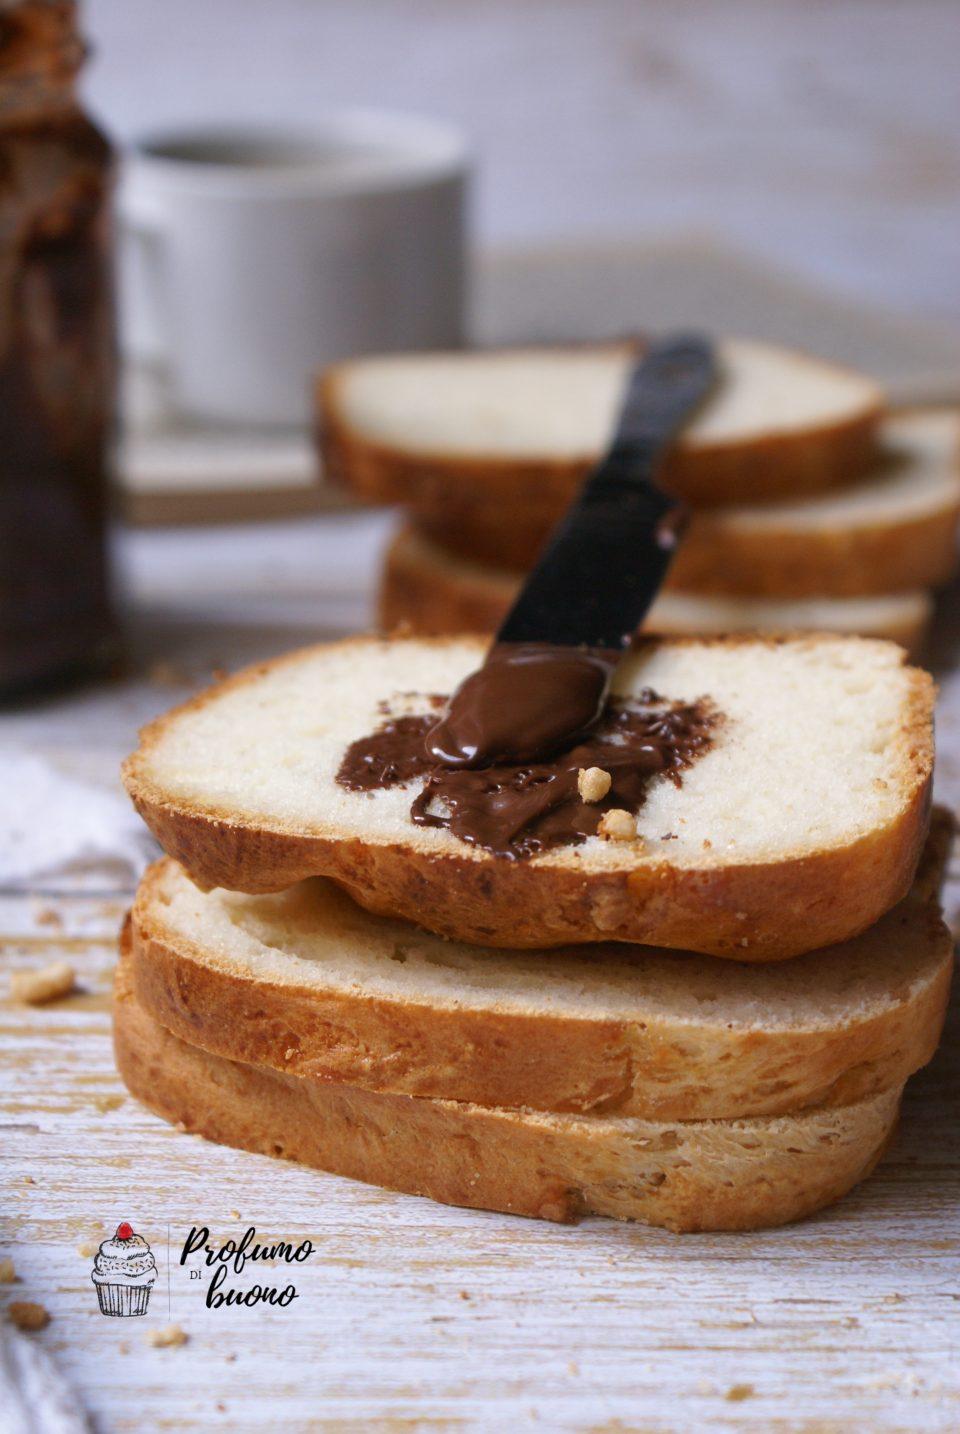 Pan Brioche senza glutine con water roux e granella di zucchero in superficie